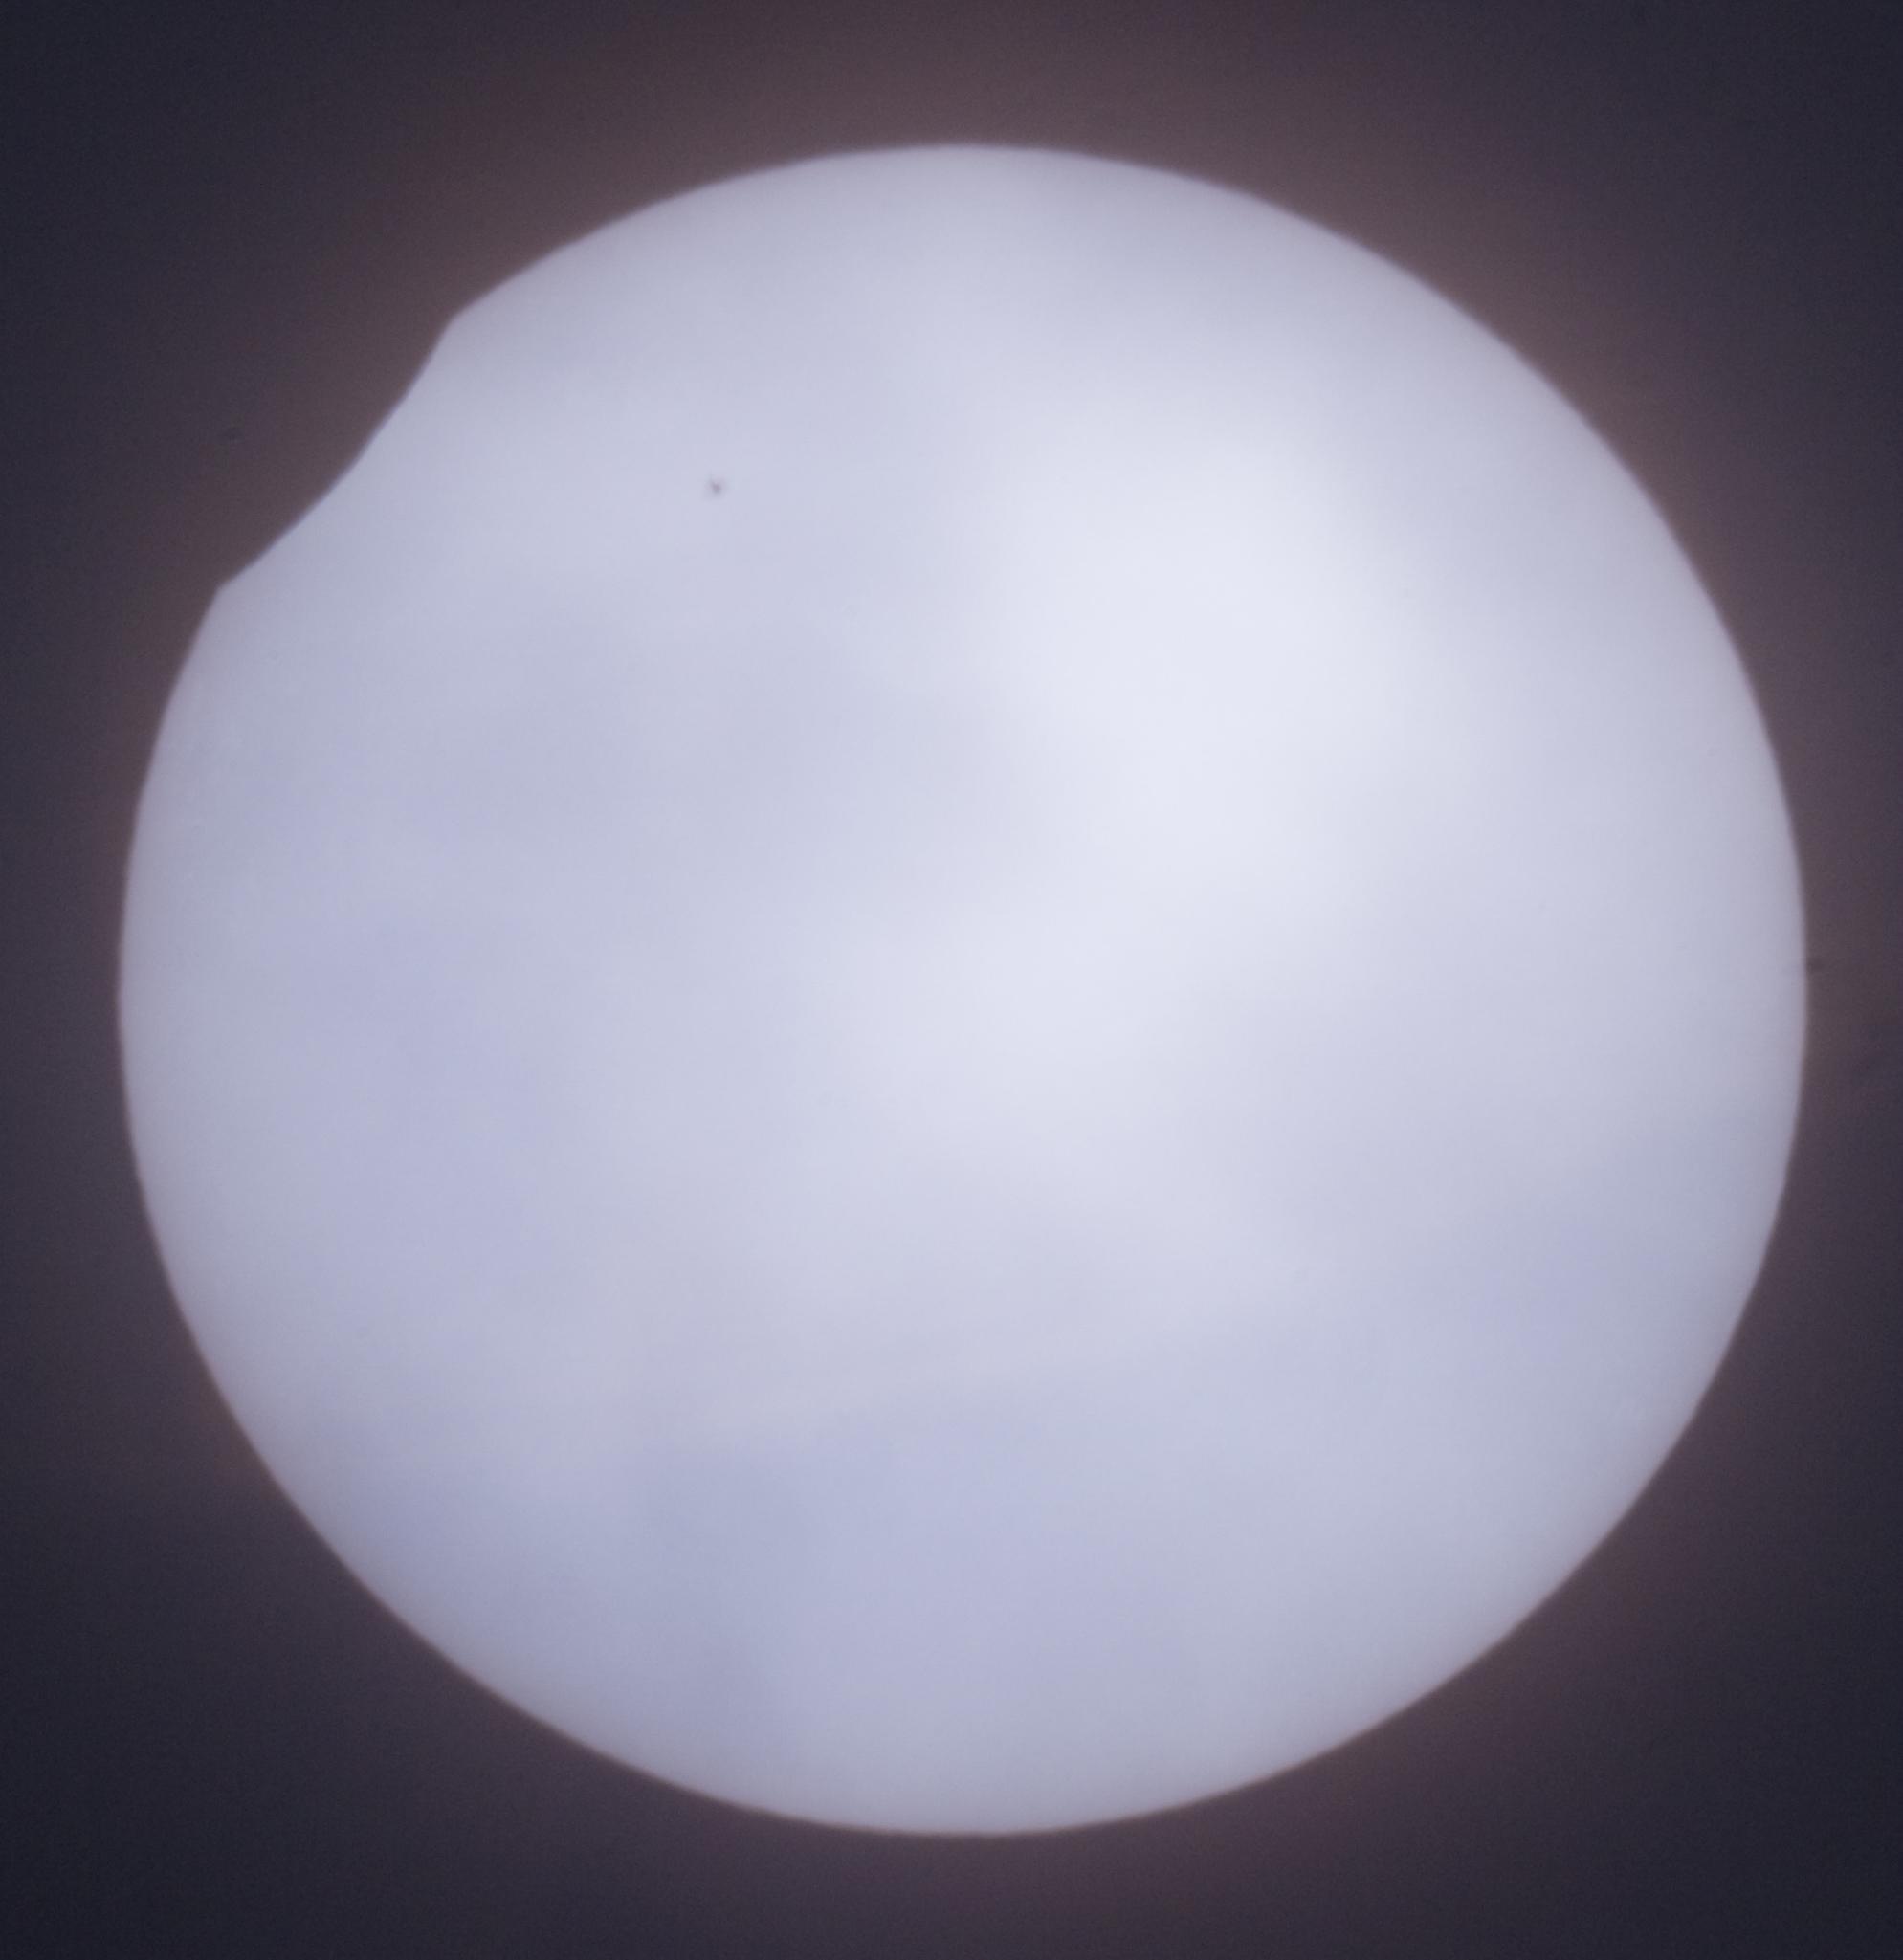 Preums, éclipse, la fin  Eclips_21050320_7501